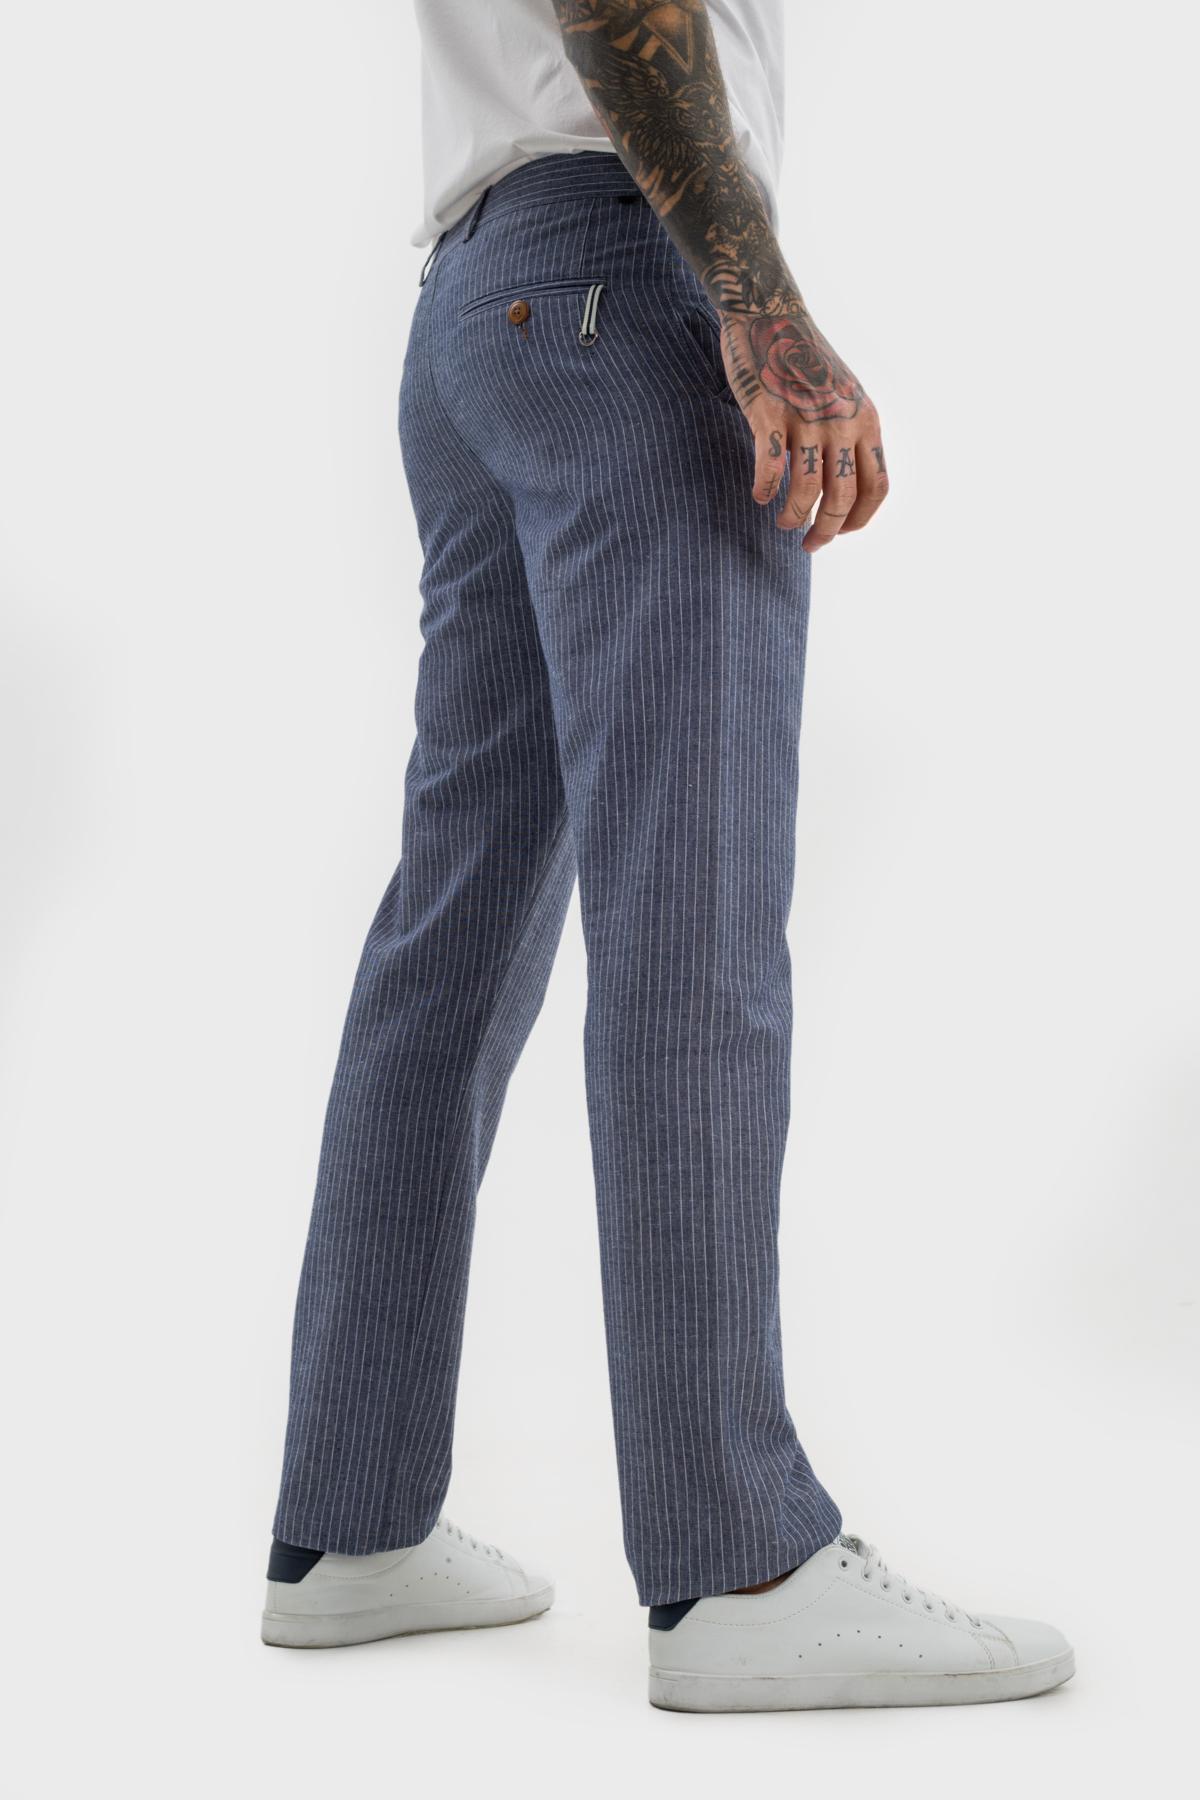 Зауженные брюки «chinos»,  из  хлопка в полоску.  Vaismann  21506